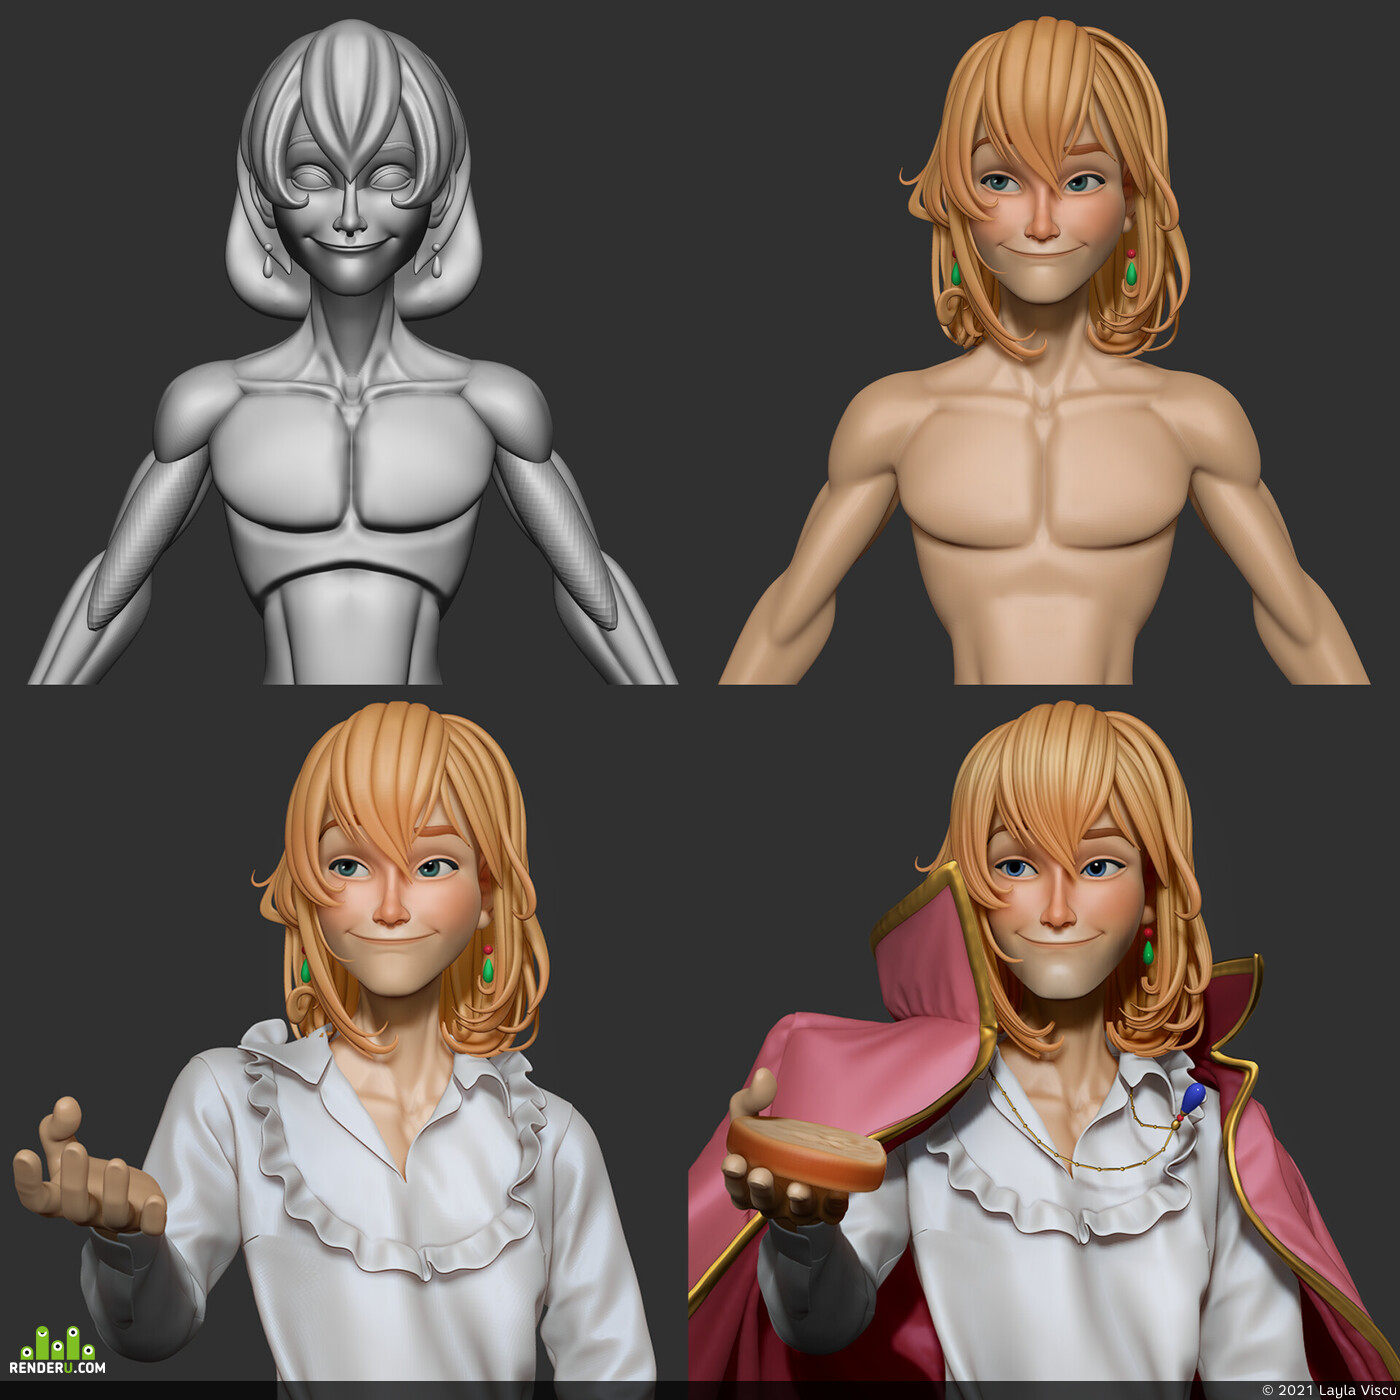 Аниме, персонаж, Персонажи, 3д персонаж, мужской персонаж, гибли, стилизация, Стилизованная модель, СтилизованныйПерсонаж